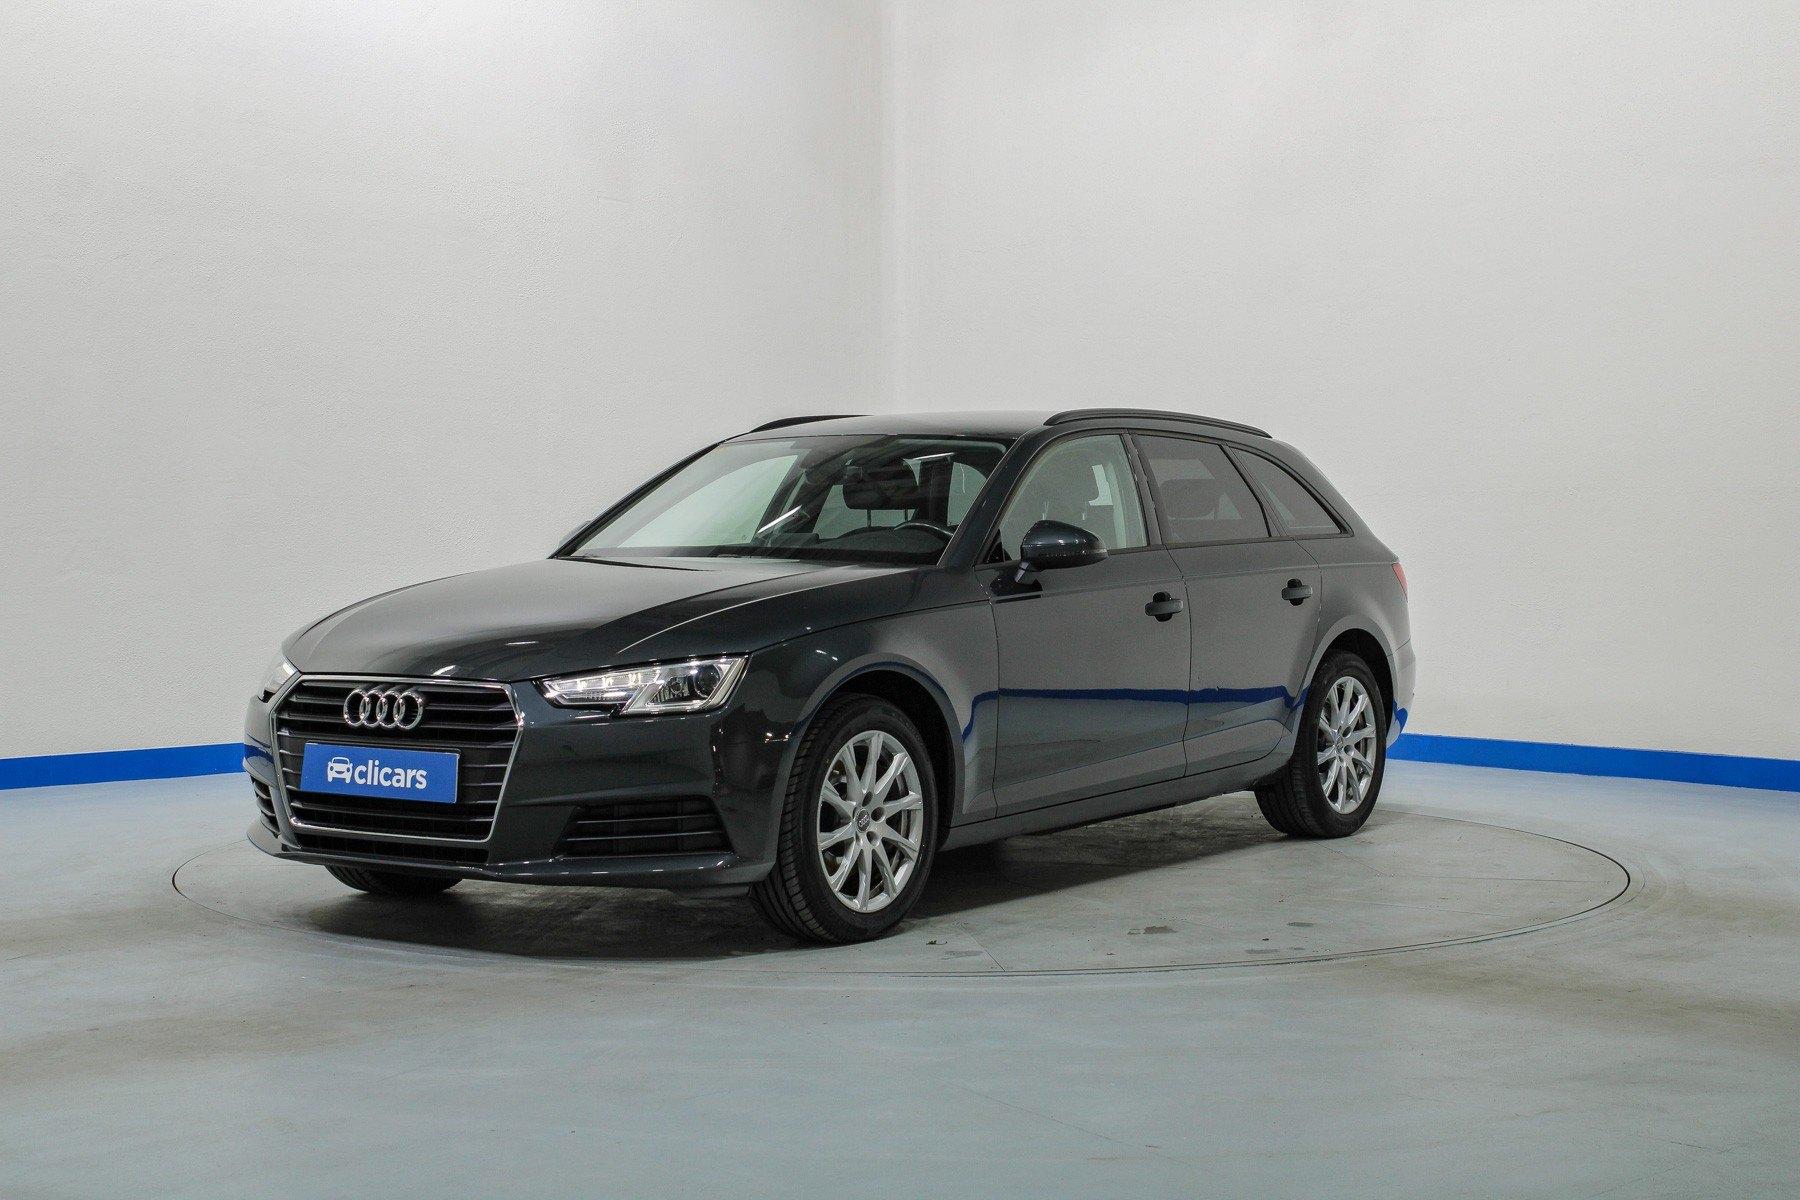 Audi A4 Diésel Advanced ed 2.0 TDI 110kW (150CV) Avant 1